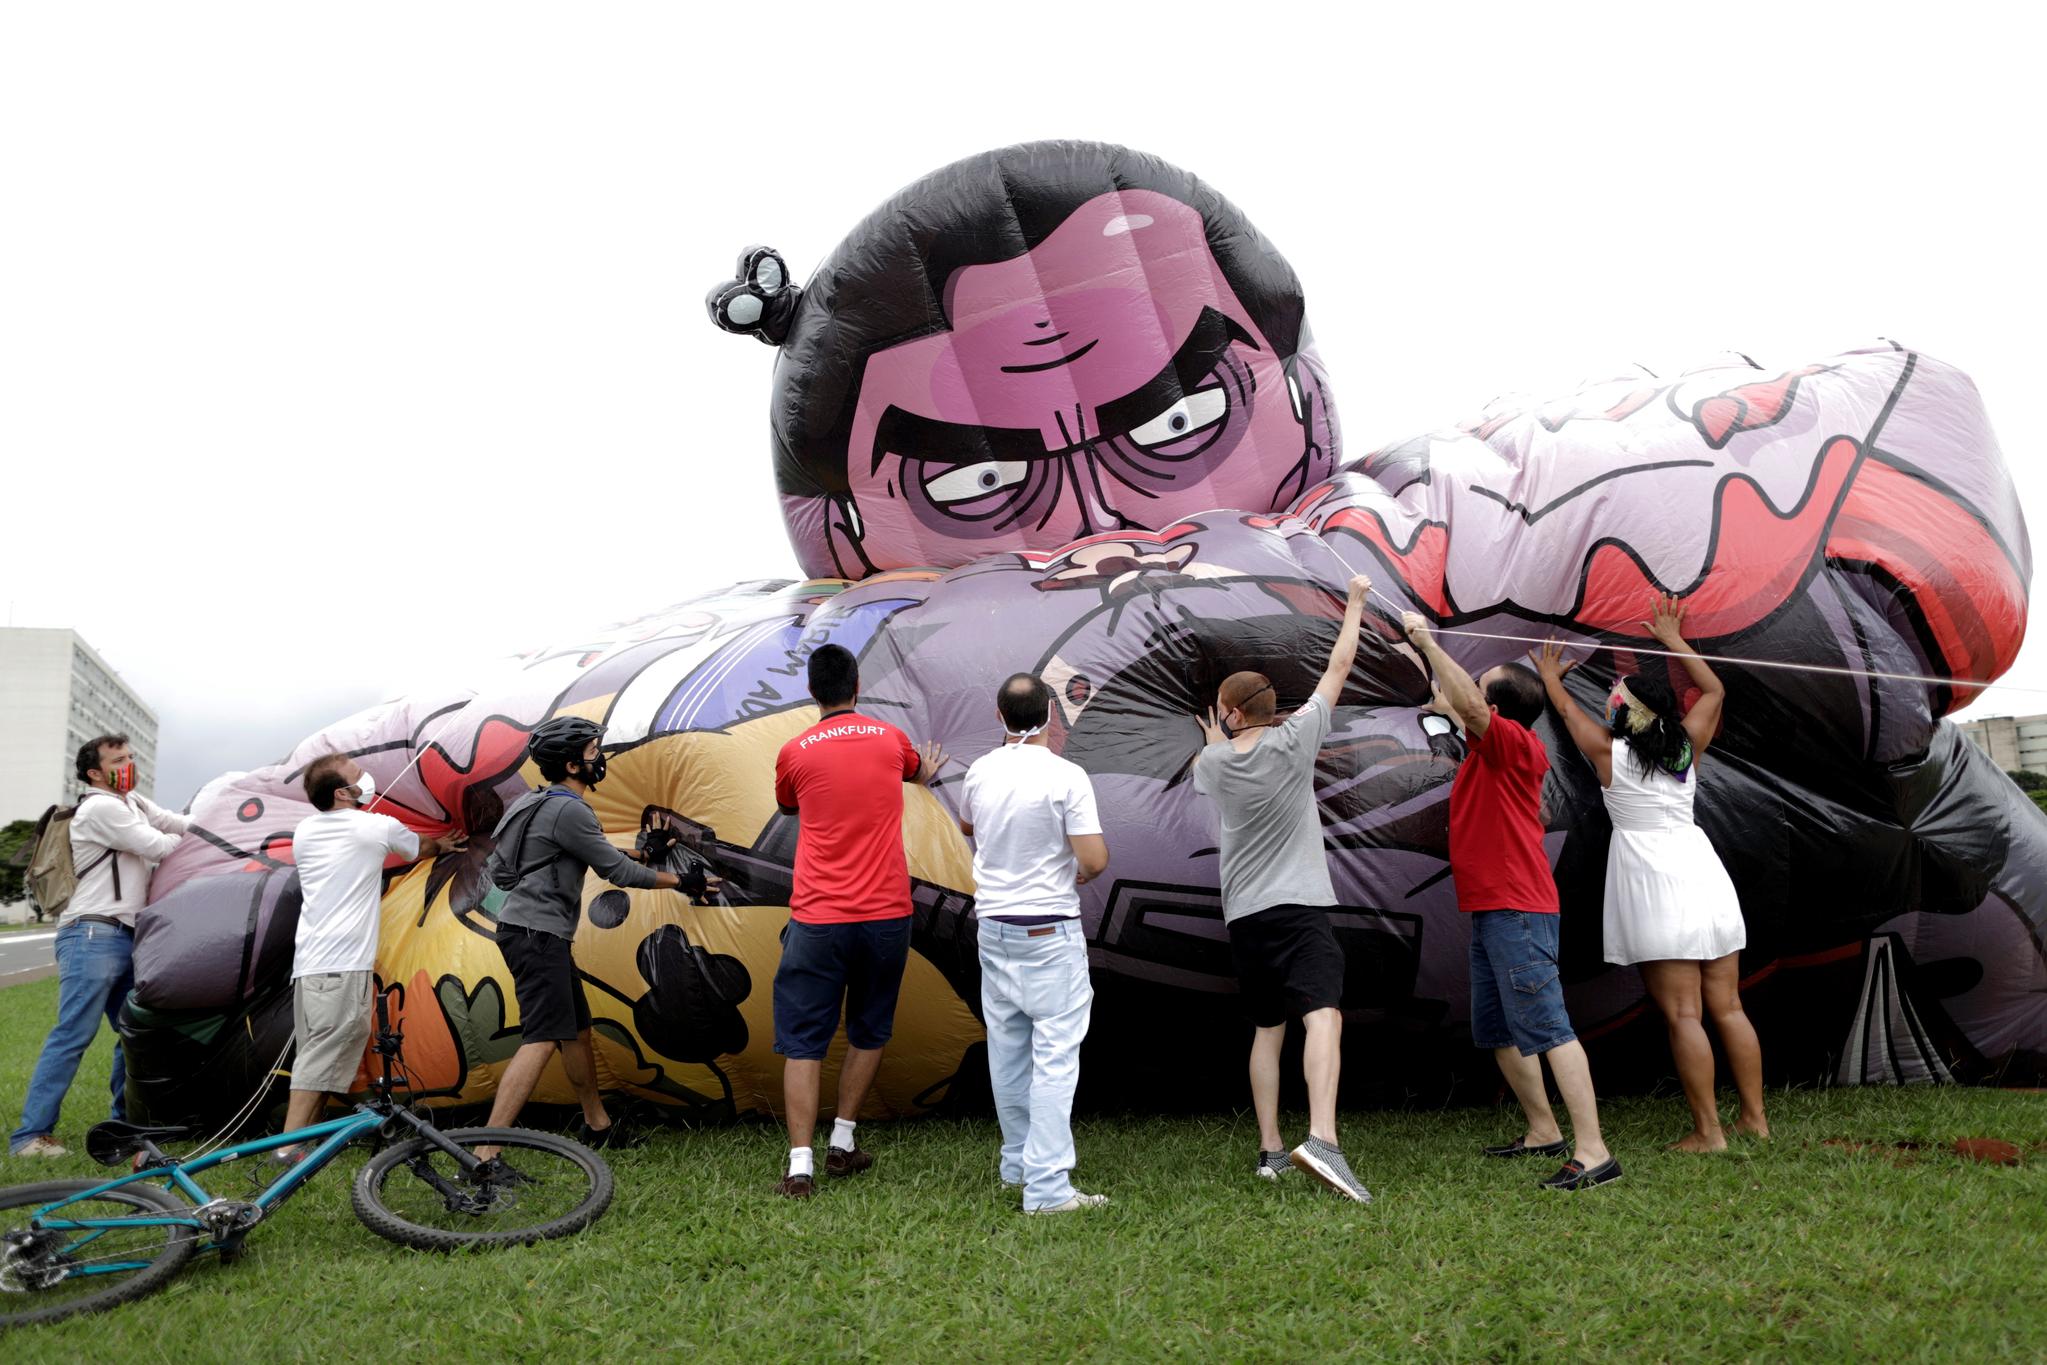 보우소나루 대통령 탄핵을 요구하는 브라질 사회단체 회원들이 21일 수도 브라질리아에서 보우소나루 대통령의 얼굴을 그린 풍선에 공기를 주입하고 있다. 로이터=연합뉴스